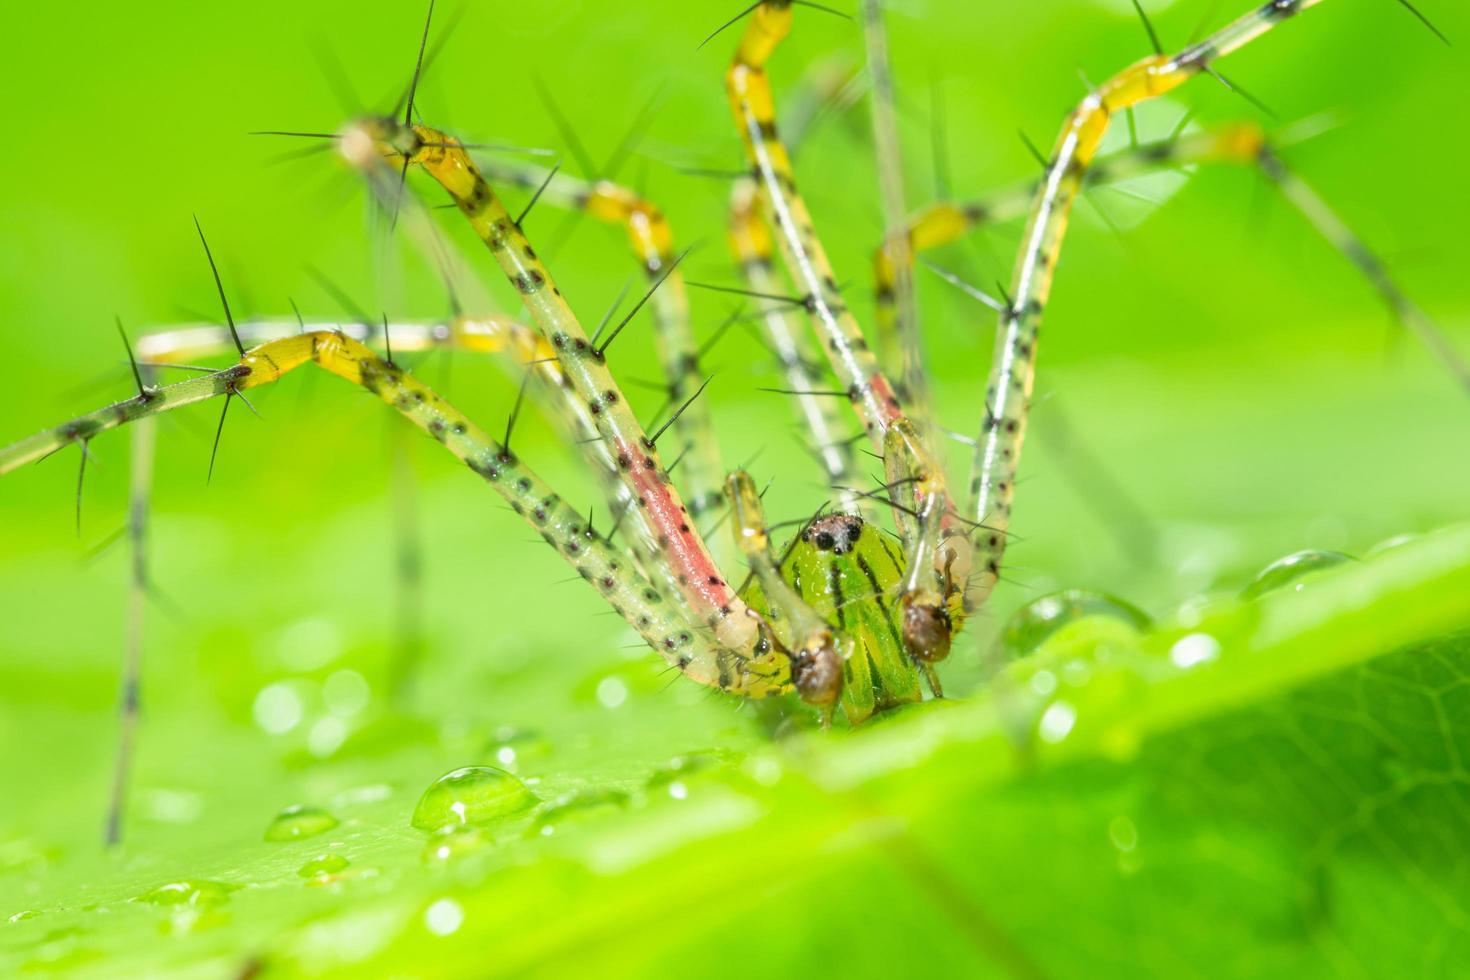 lange Beine der grünen Spinnenmakro auf einer Blattgrünszene foto